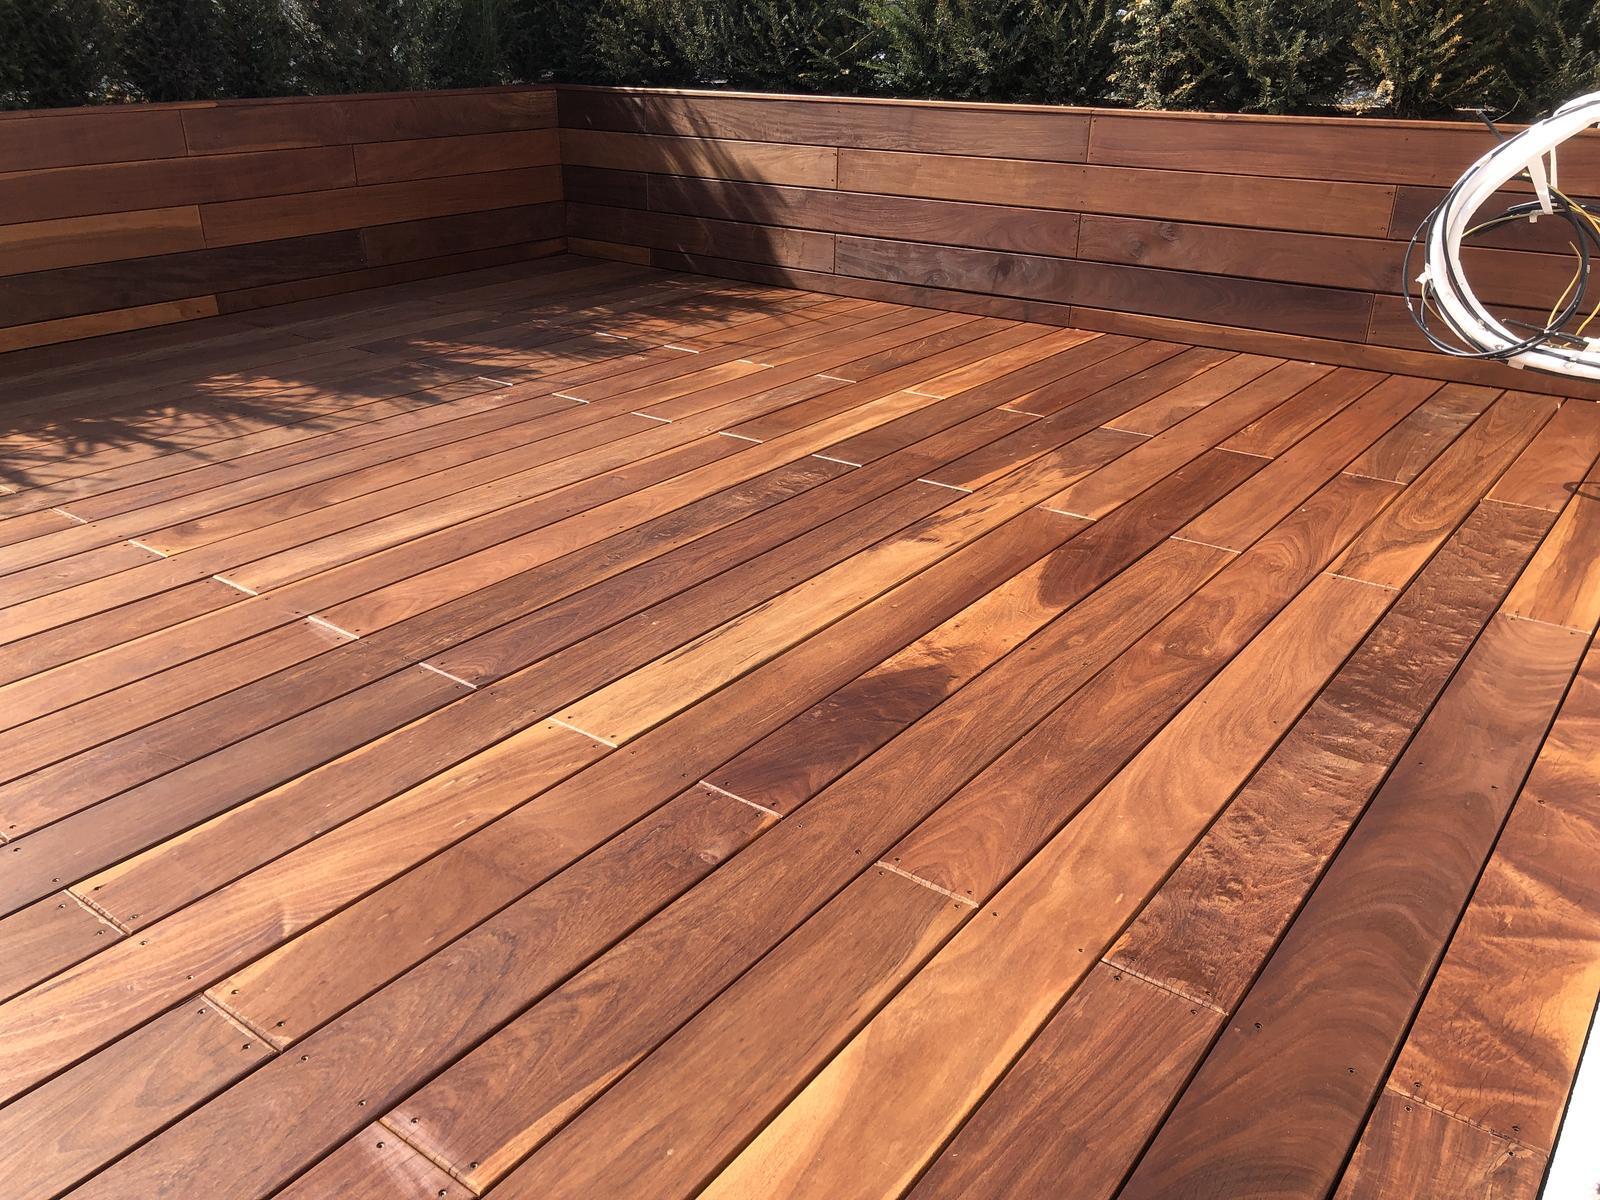 terasové tropické drevo IPE - Obrázok č. 4